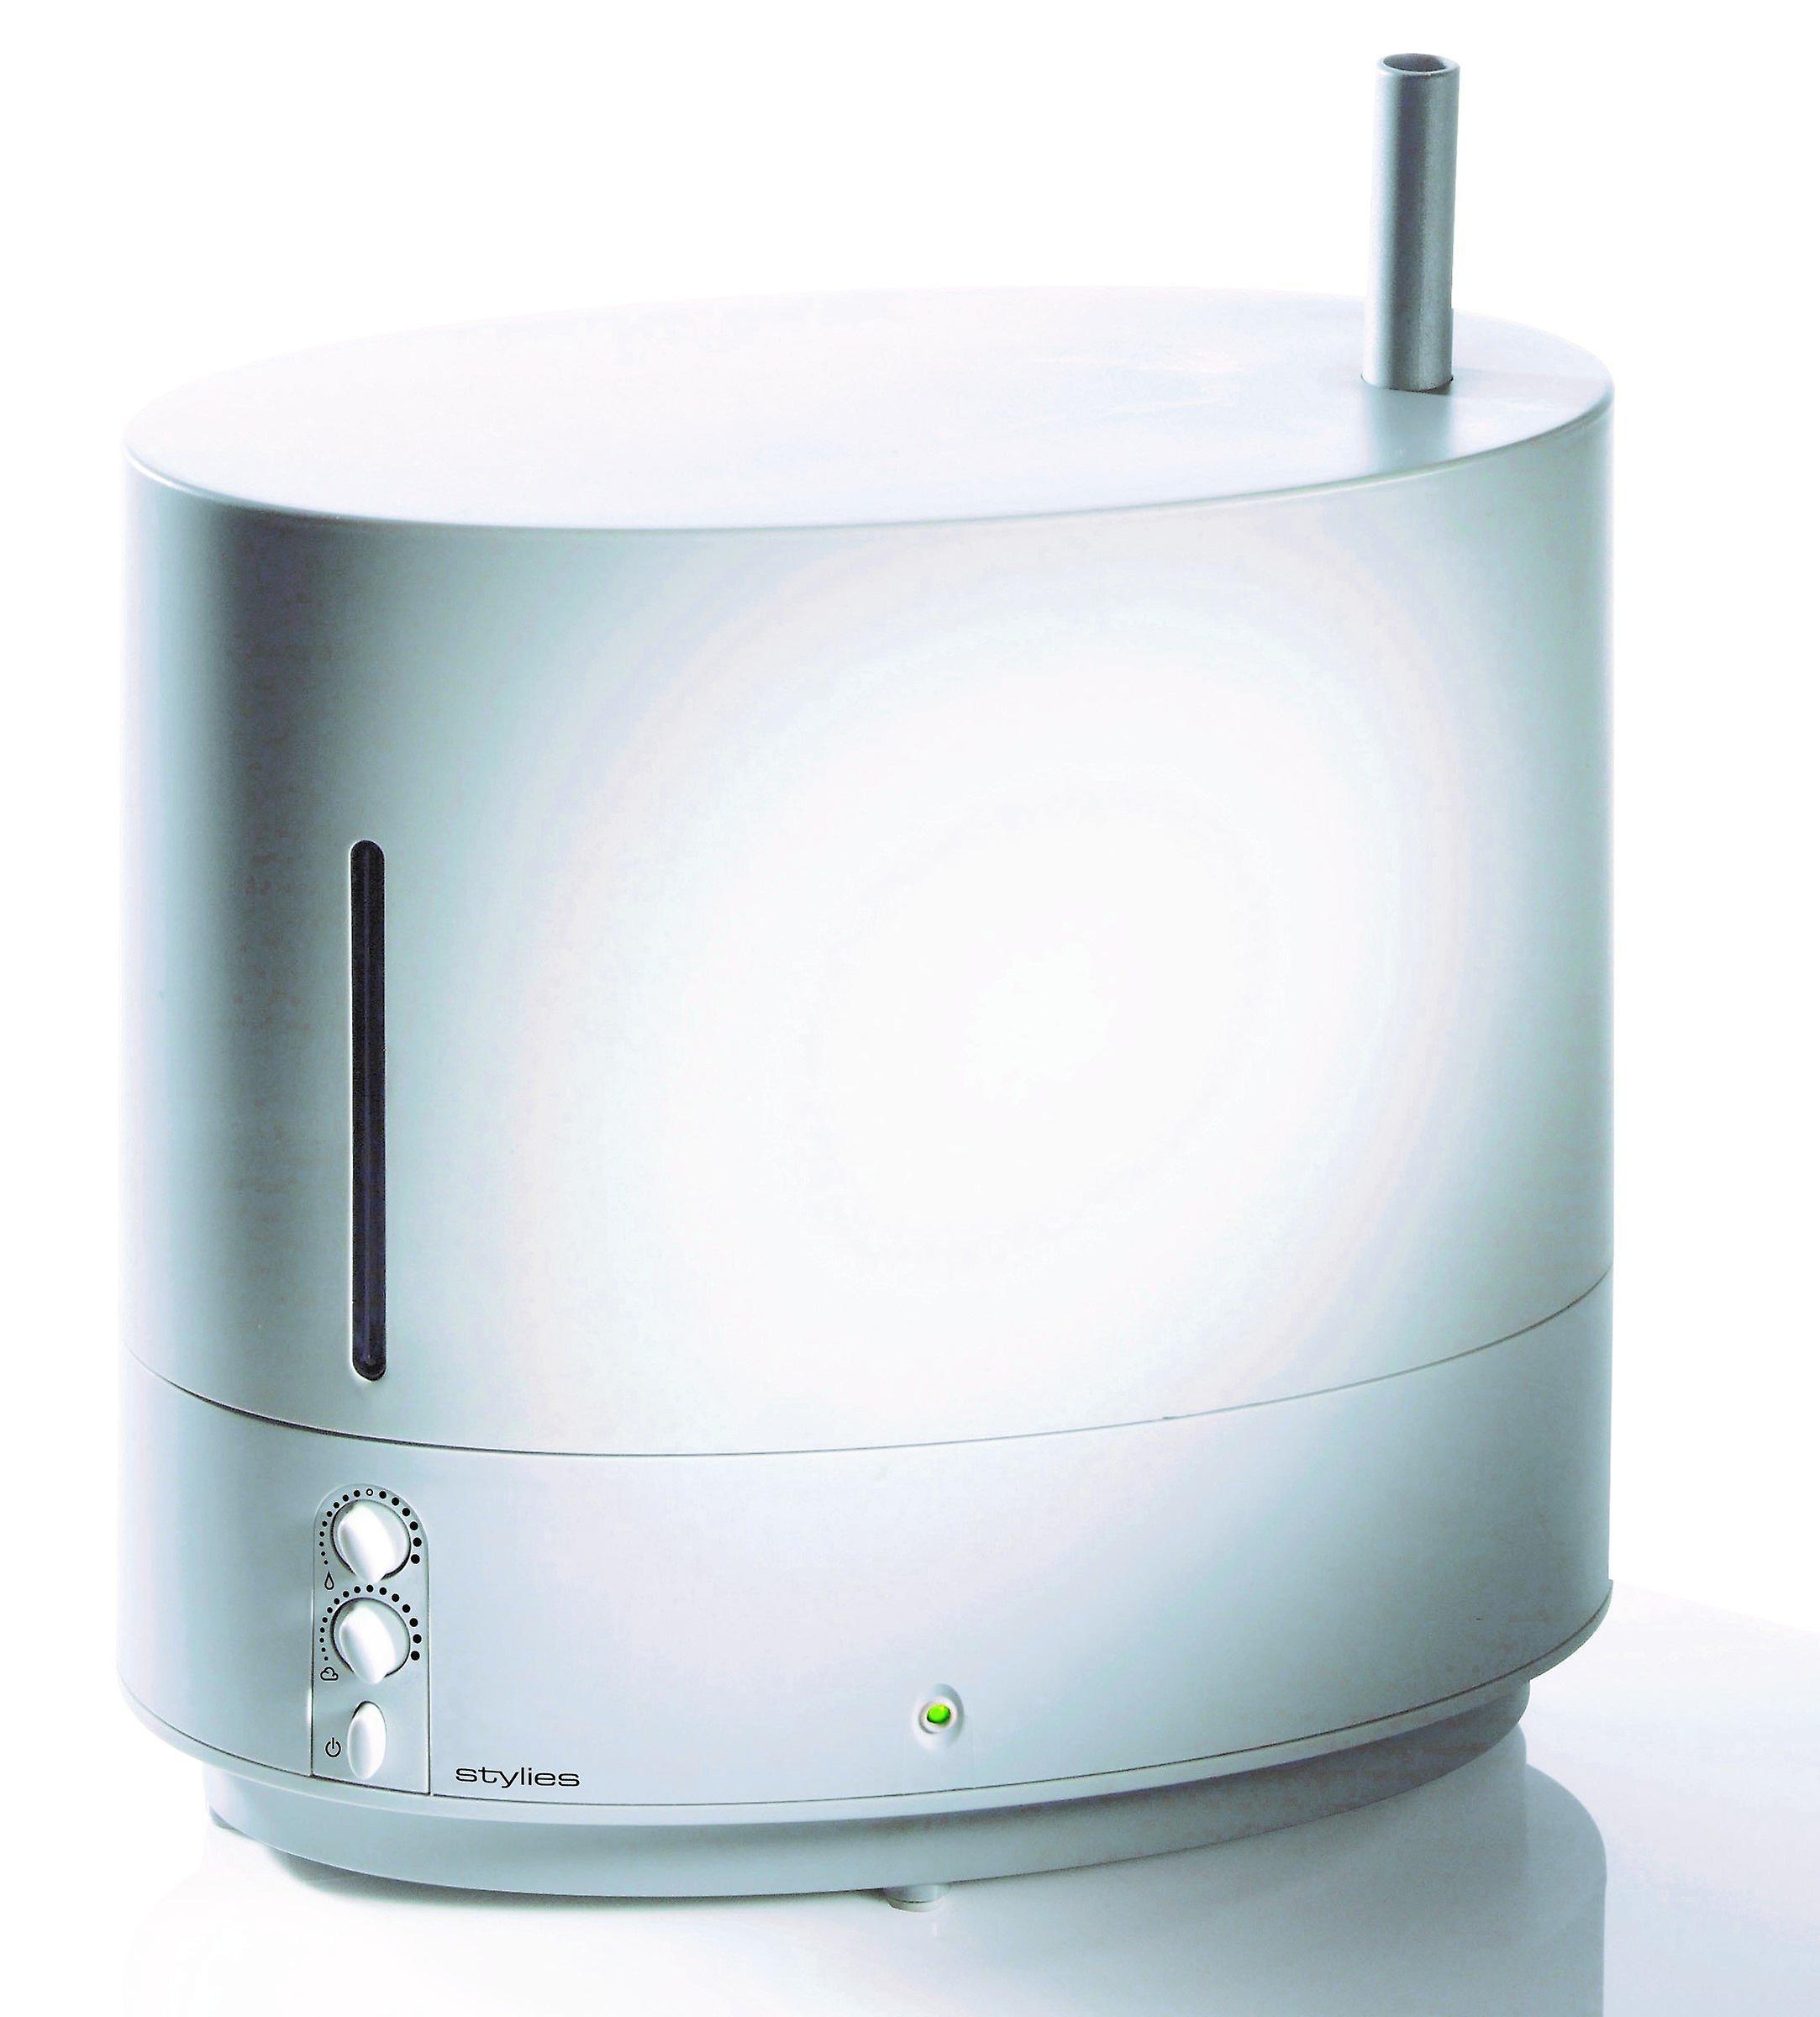 Stylies Libra-Ultrasonic Humidifier 45 m²/110 m³